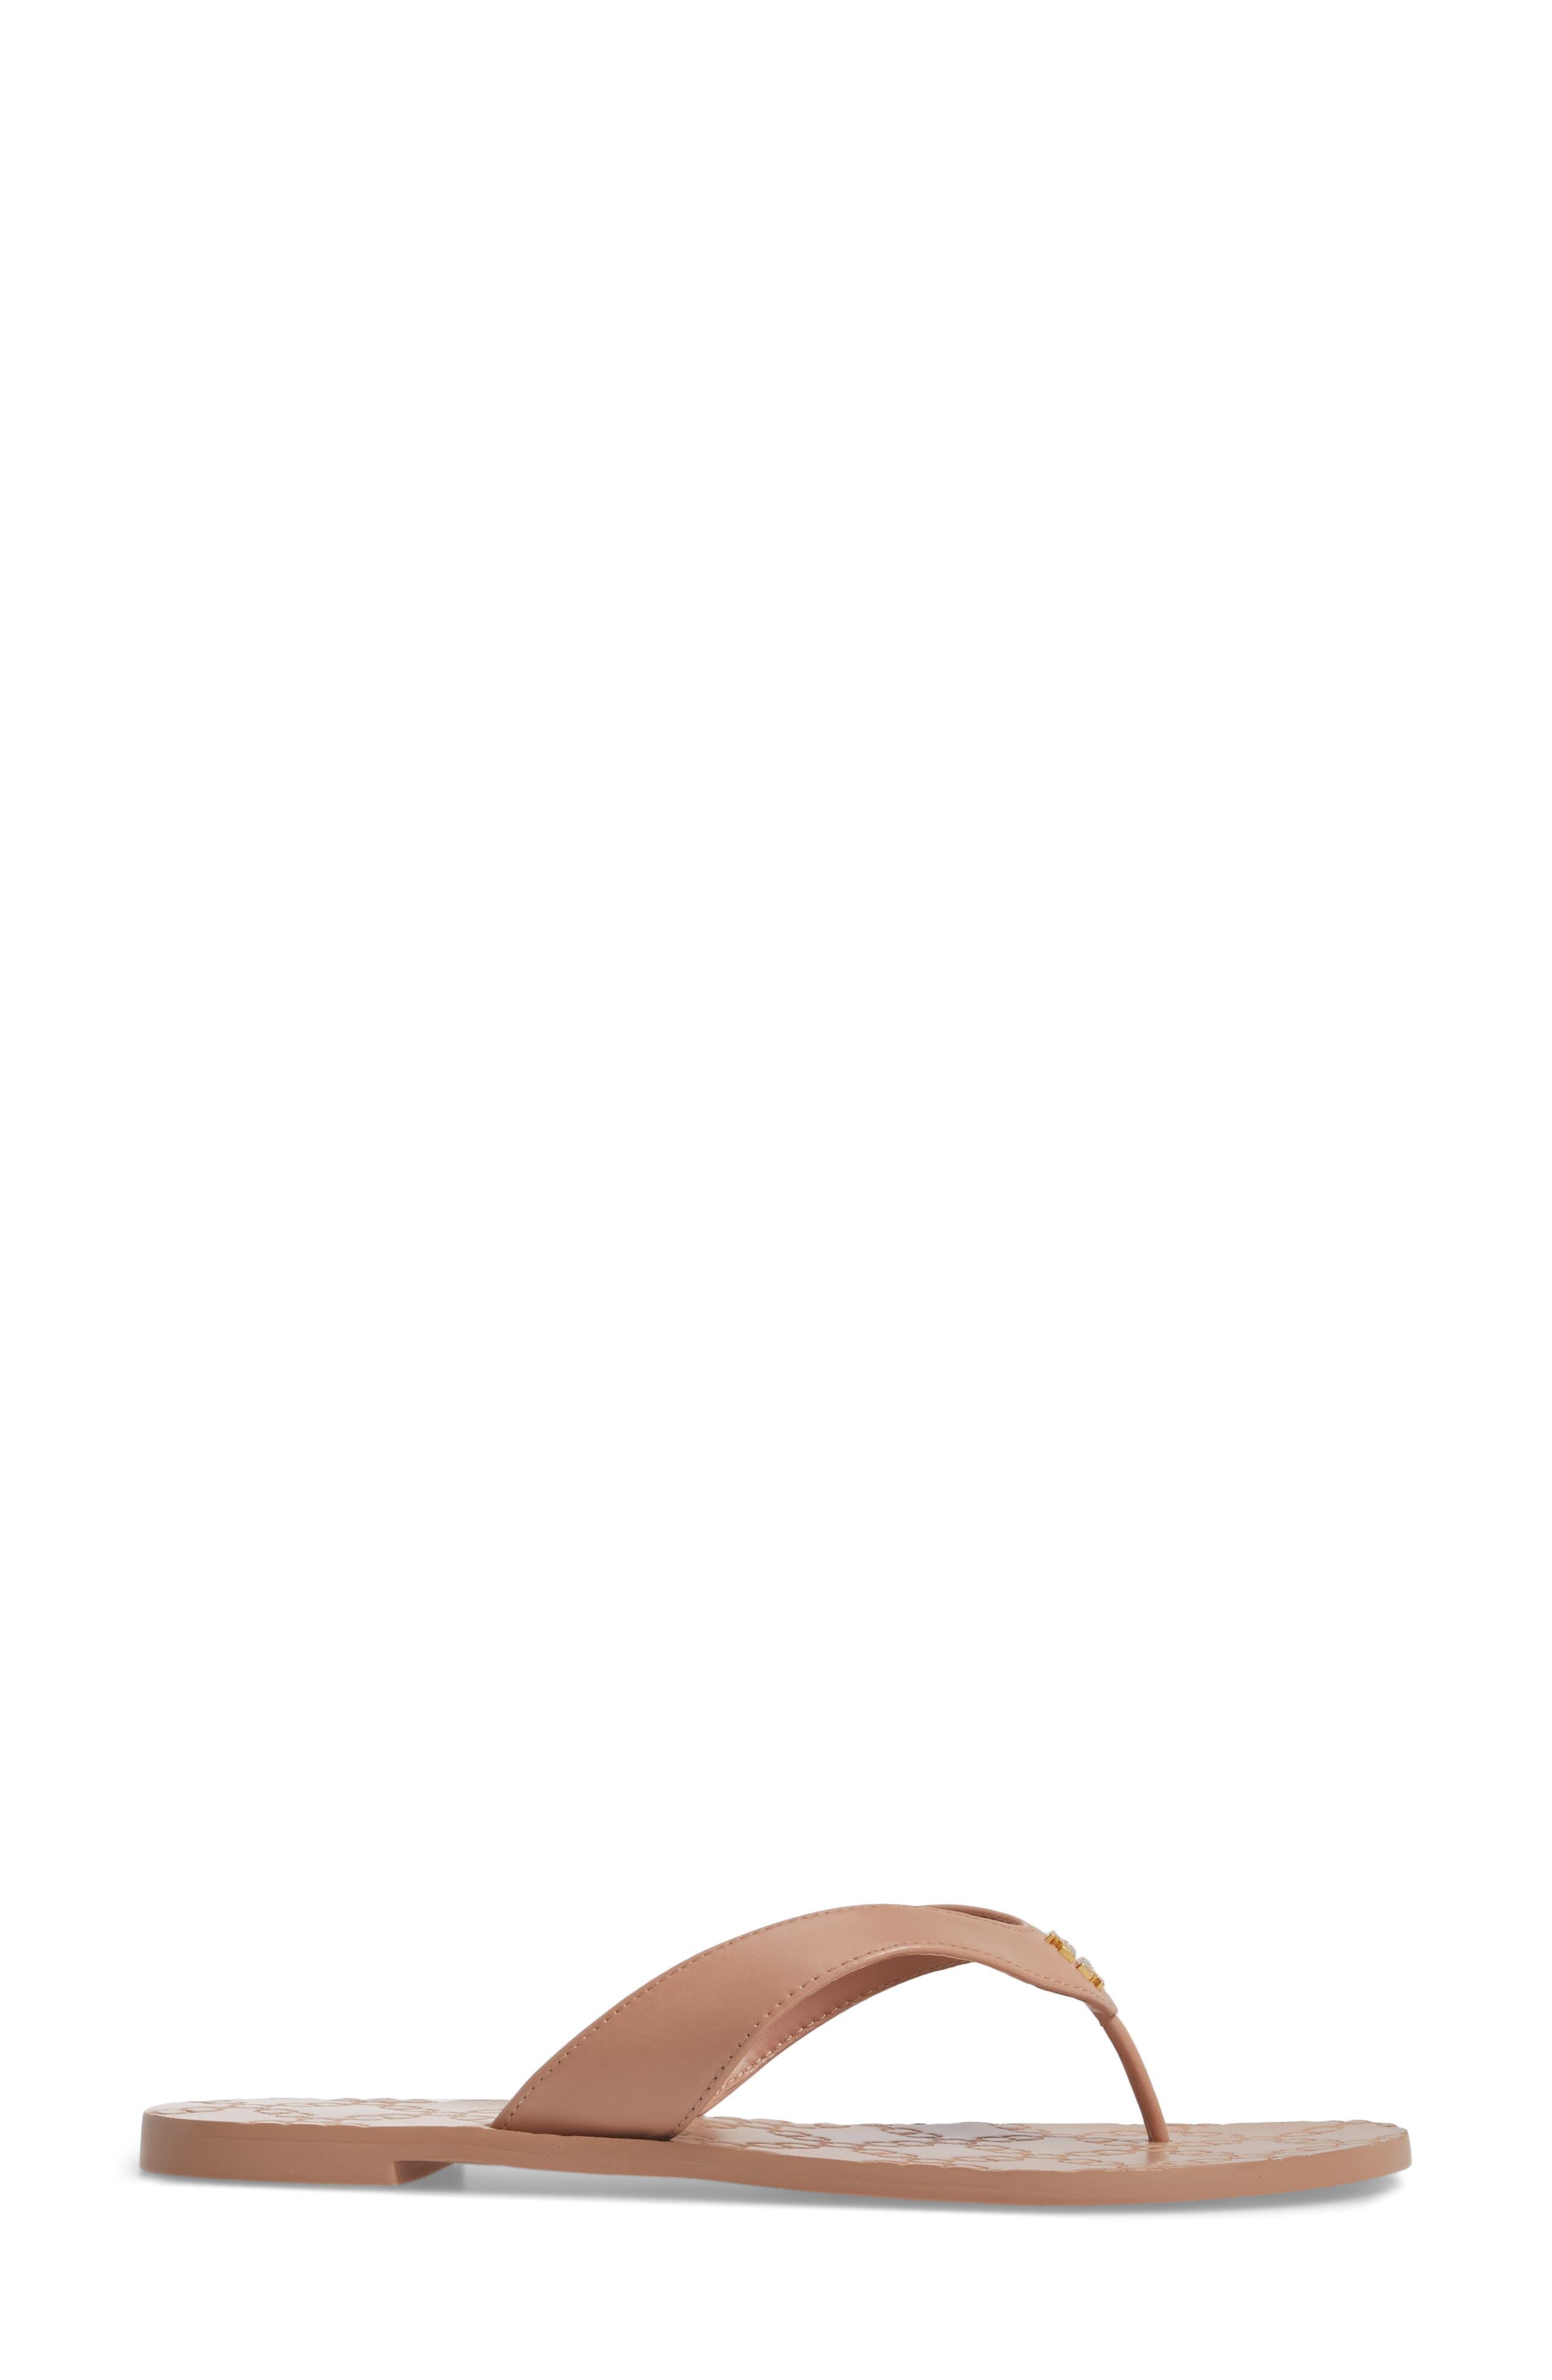 Monroe Flip Flop,                             Alternate thumbnail 3, color,                             LIGHT MAKEUP